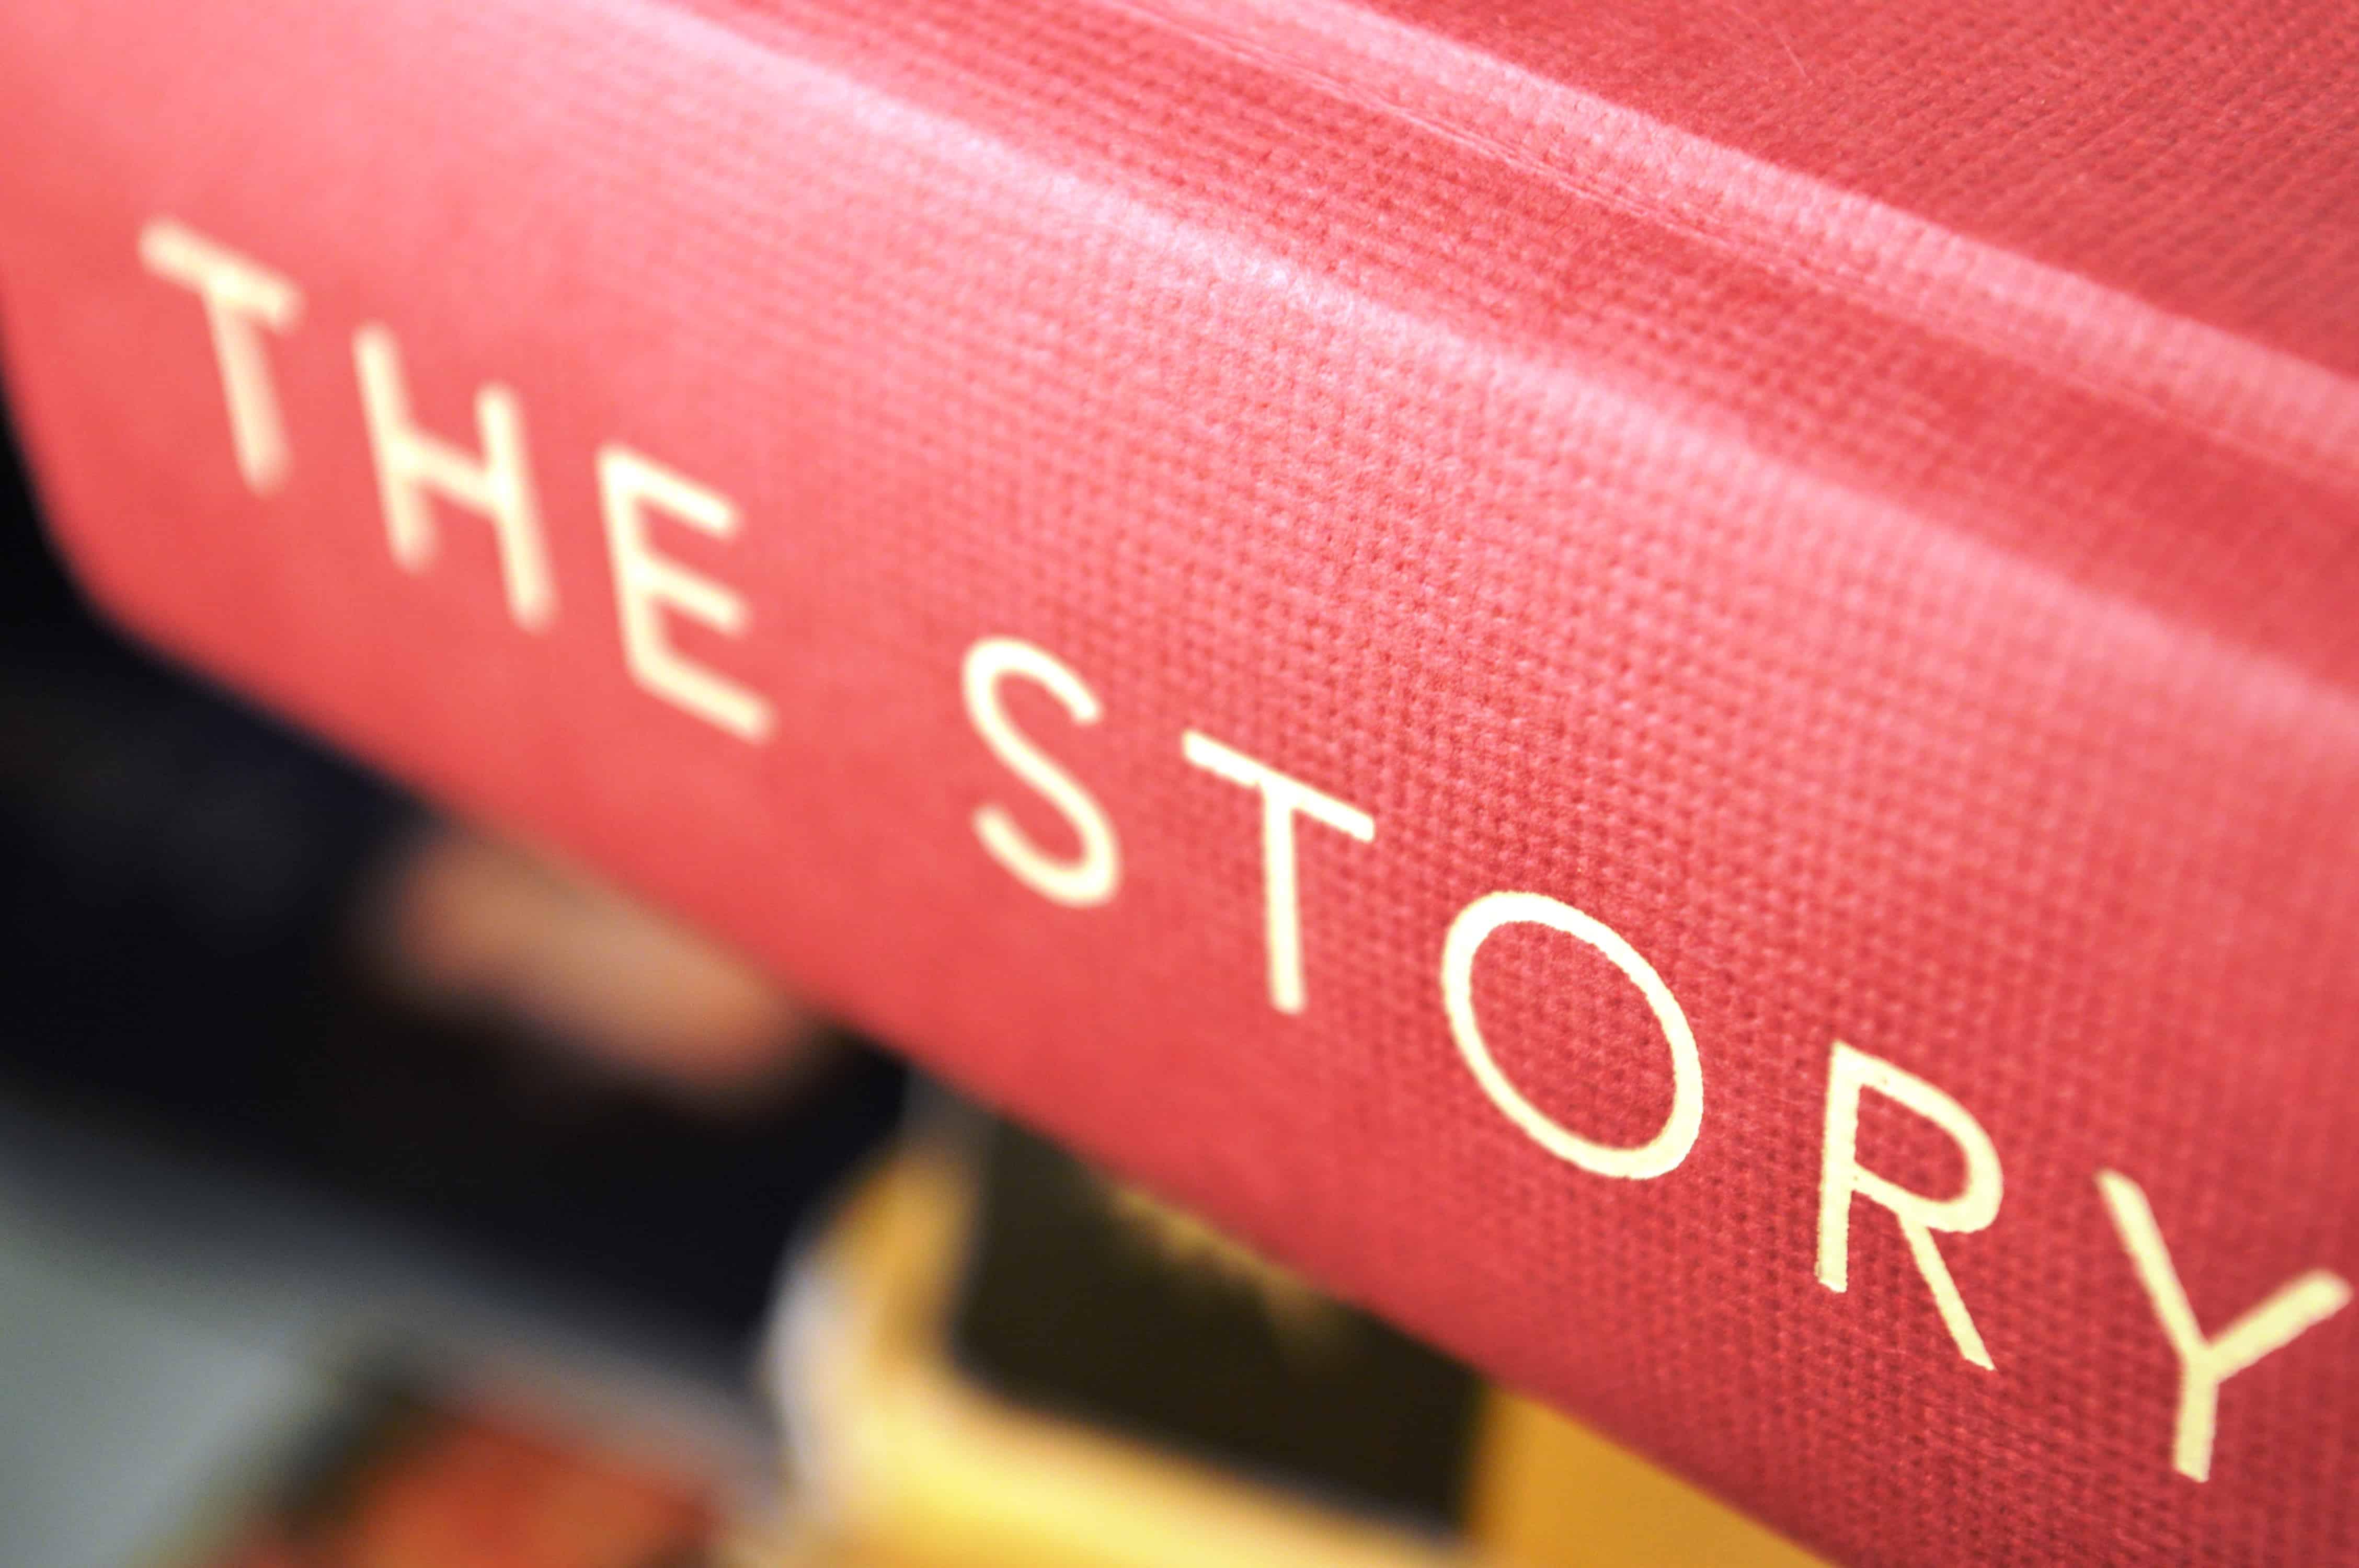 Indíts vállalkozást: 6. ötlet – Írj könyvet!